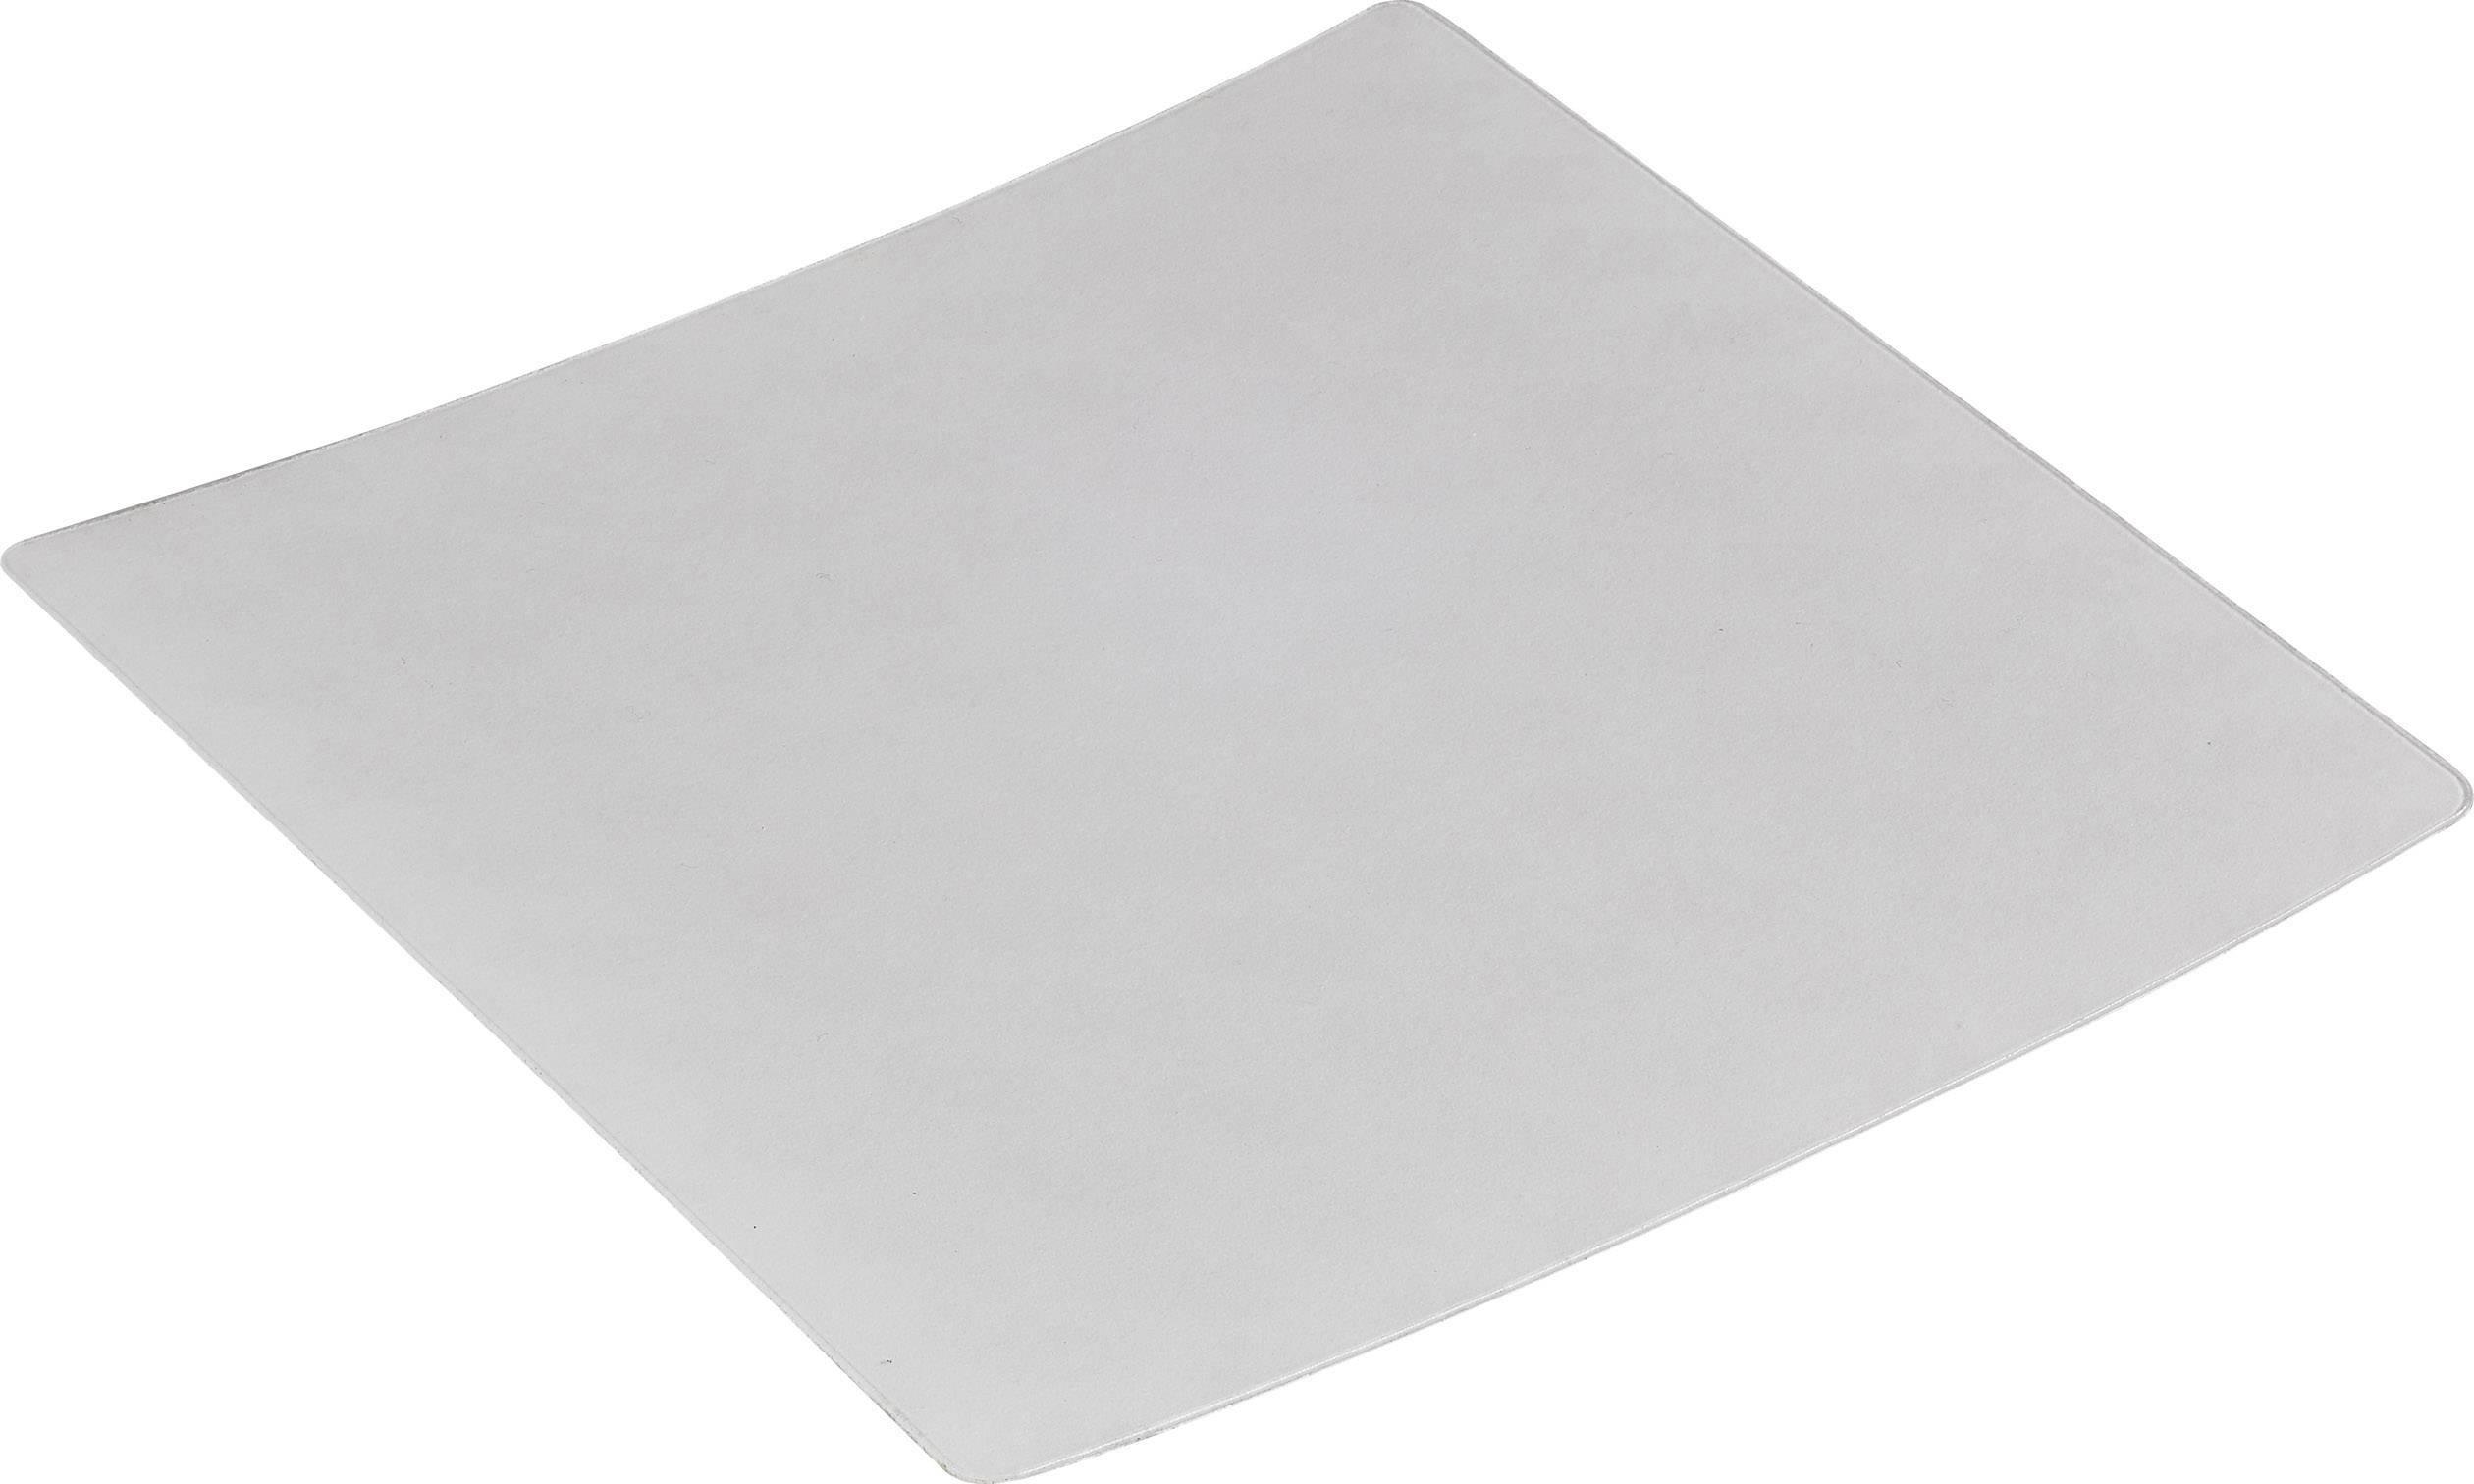 Fólie na tiskovou podložku 15 x 15 cm, vhodná pro 3D tiskárnu renkforce RF100, renkforce RF100 v2, zdokonalená verze